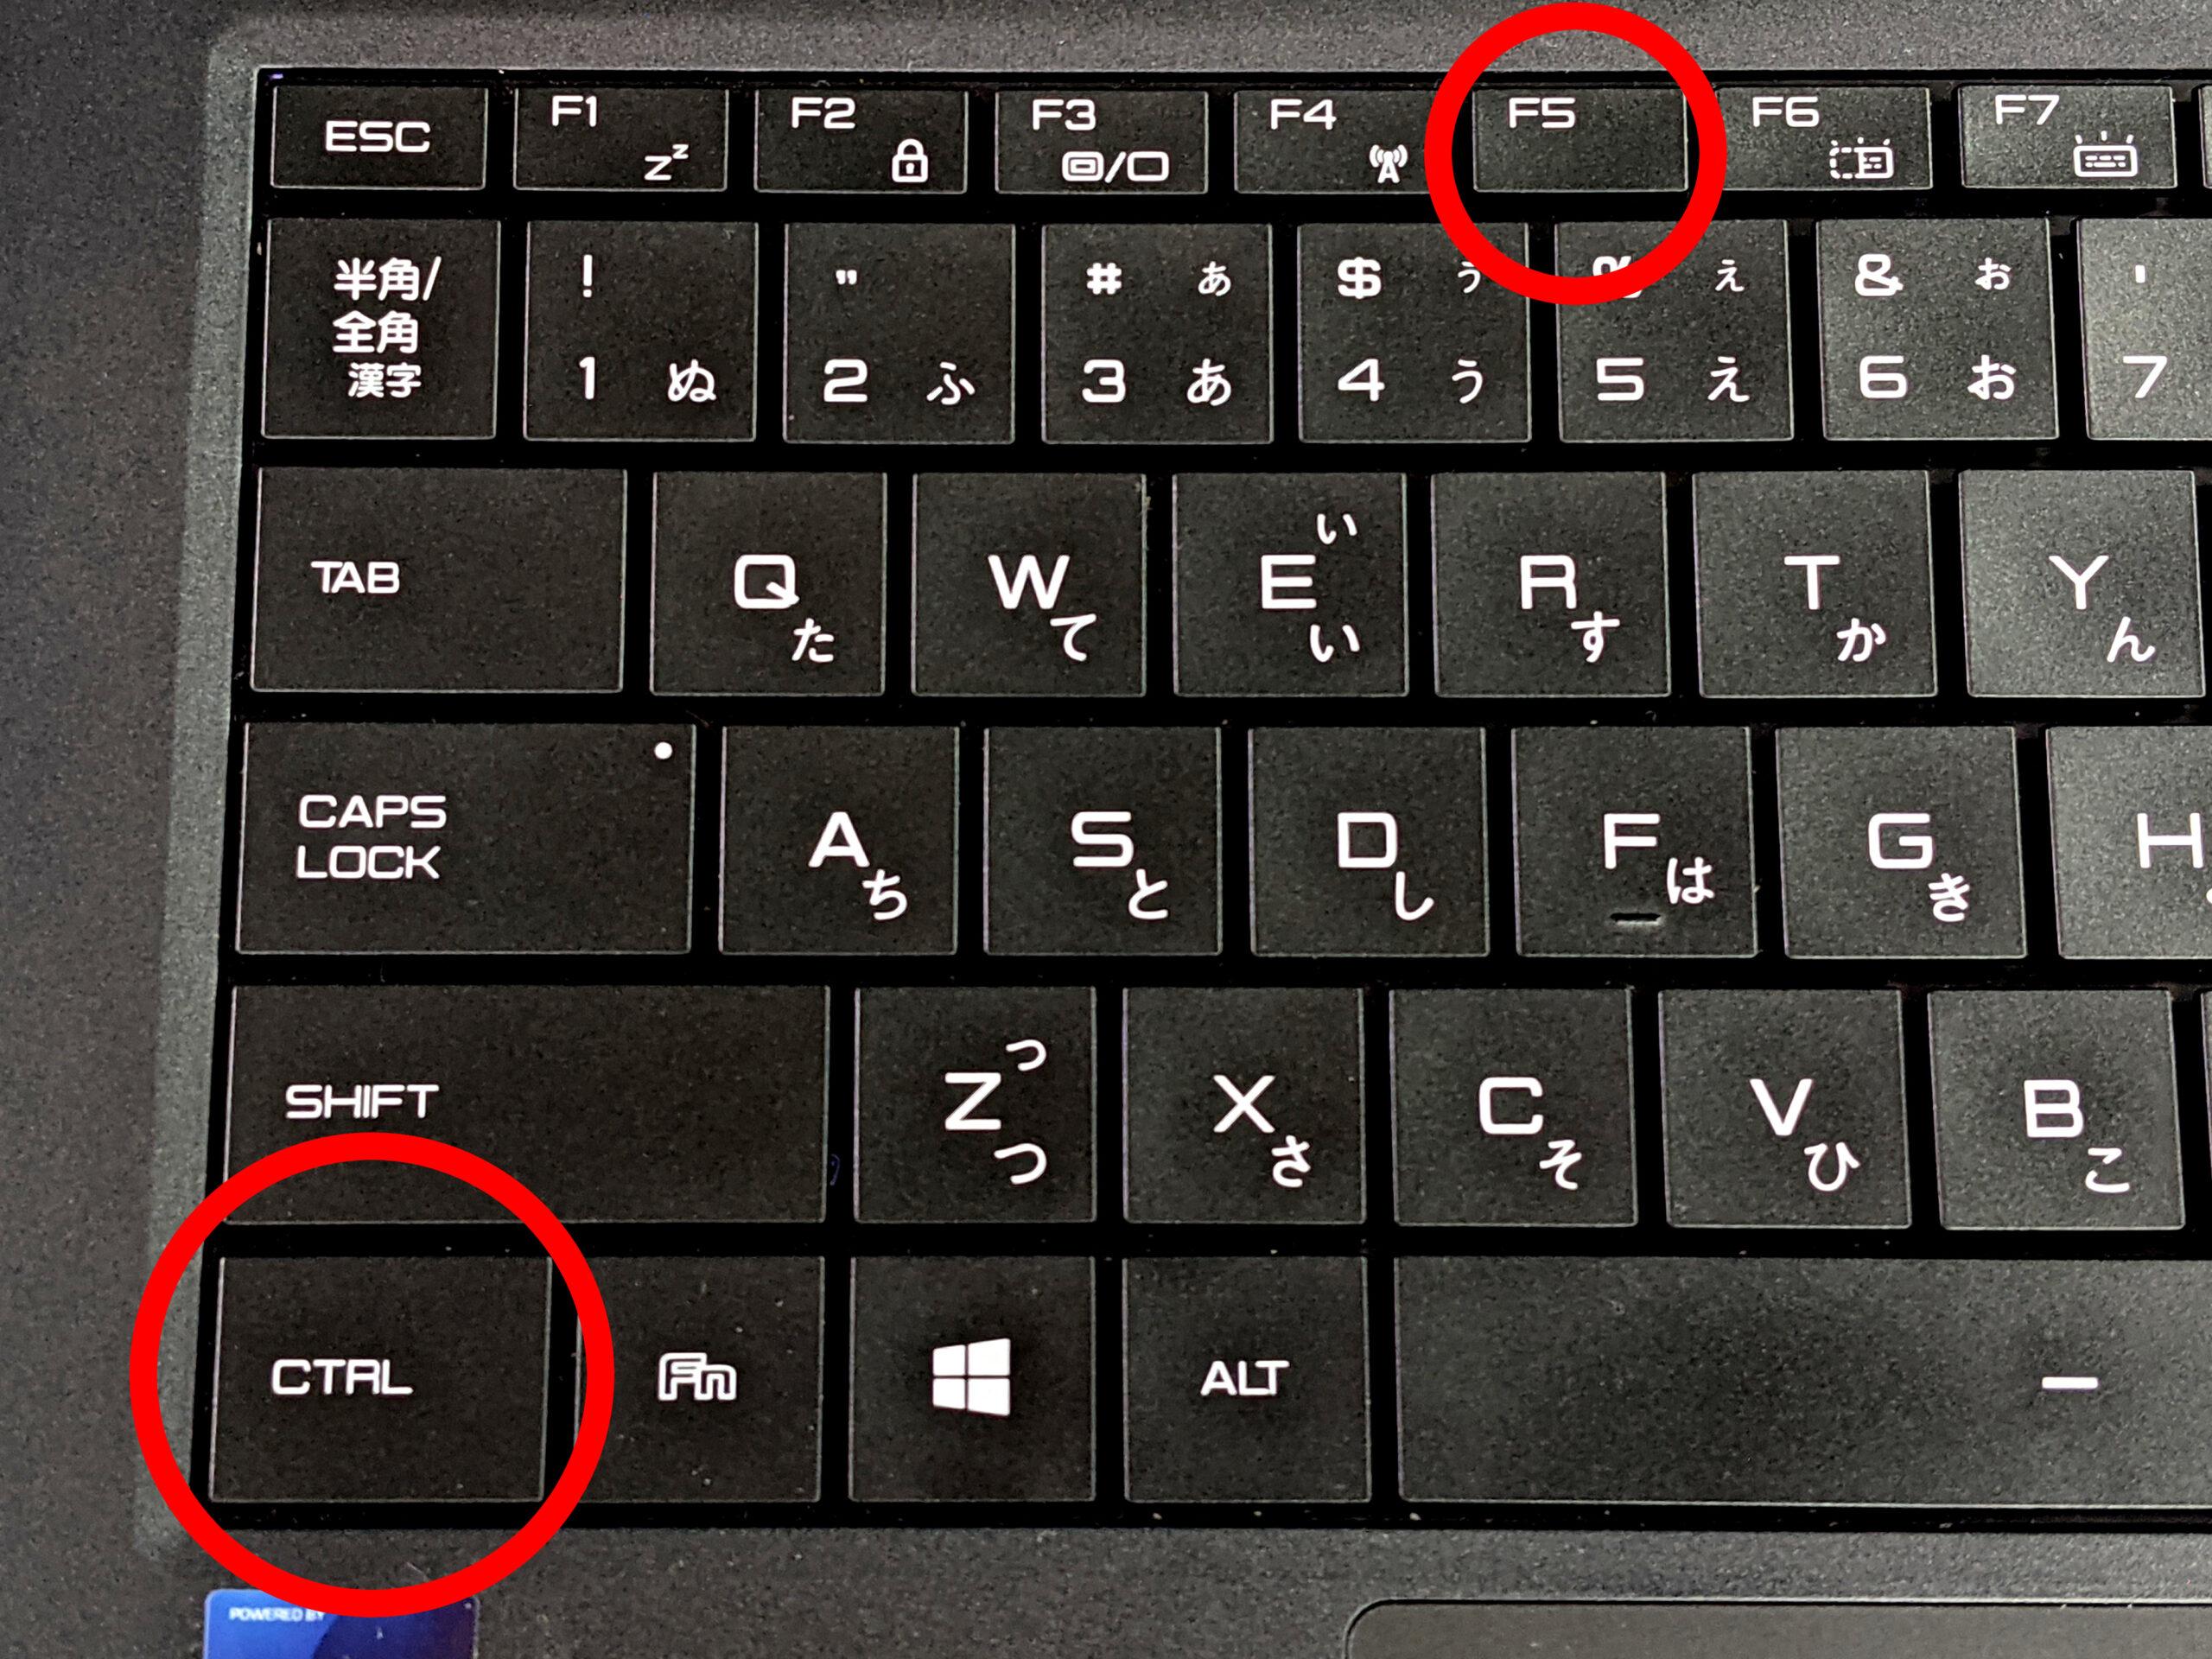 キーボードのctrlとf5キーに赤丸が打ってある